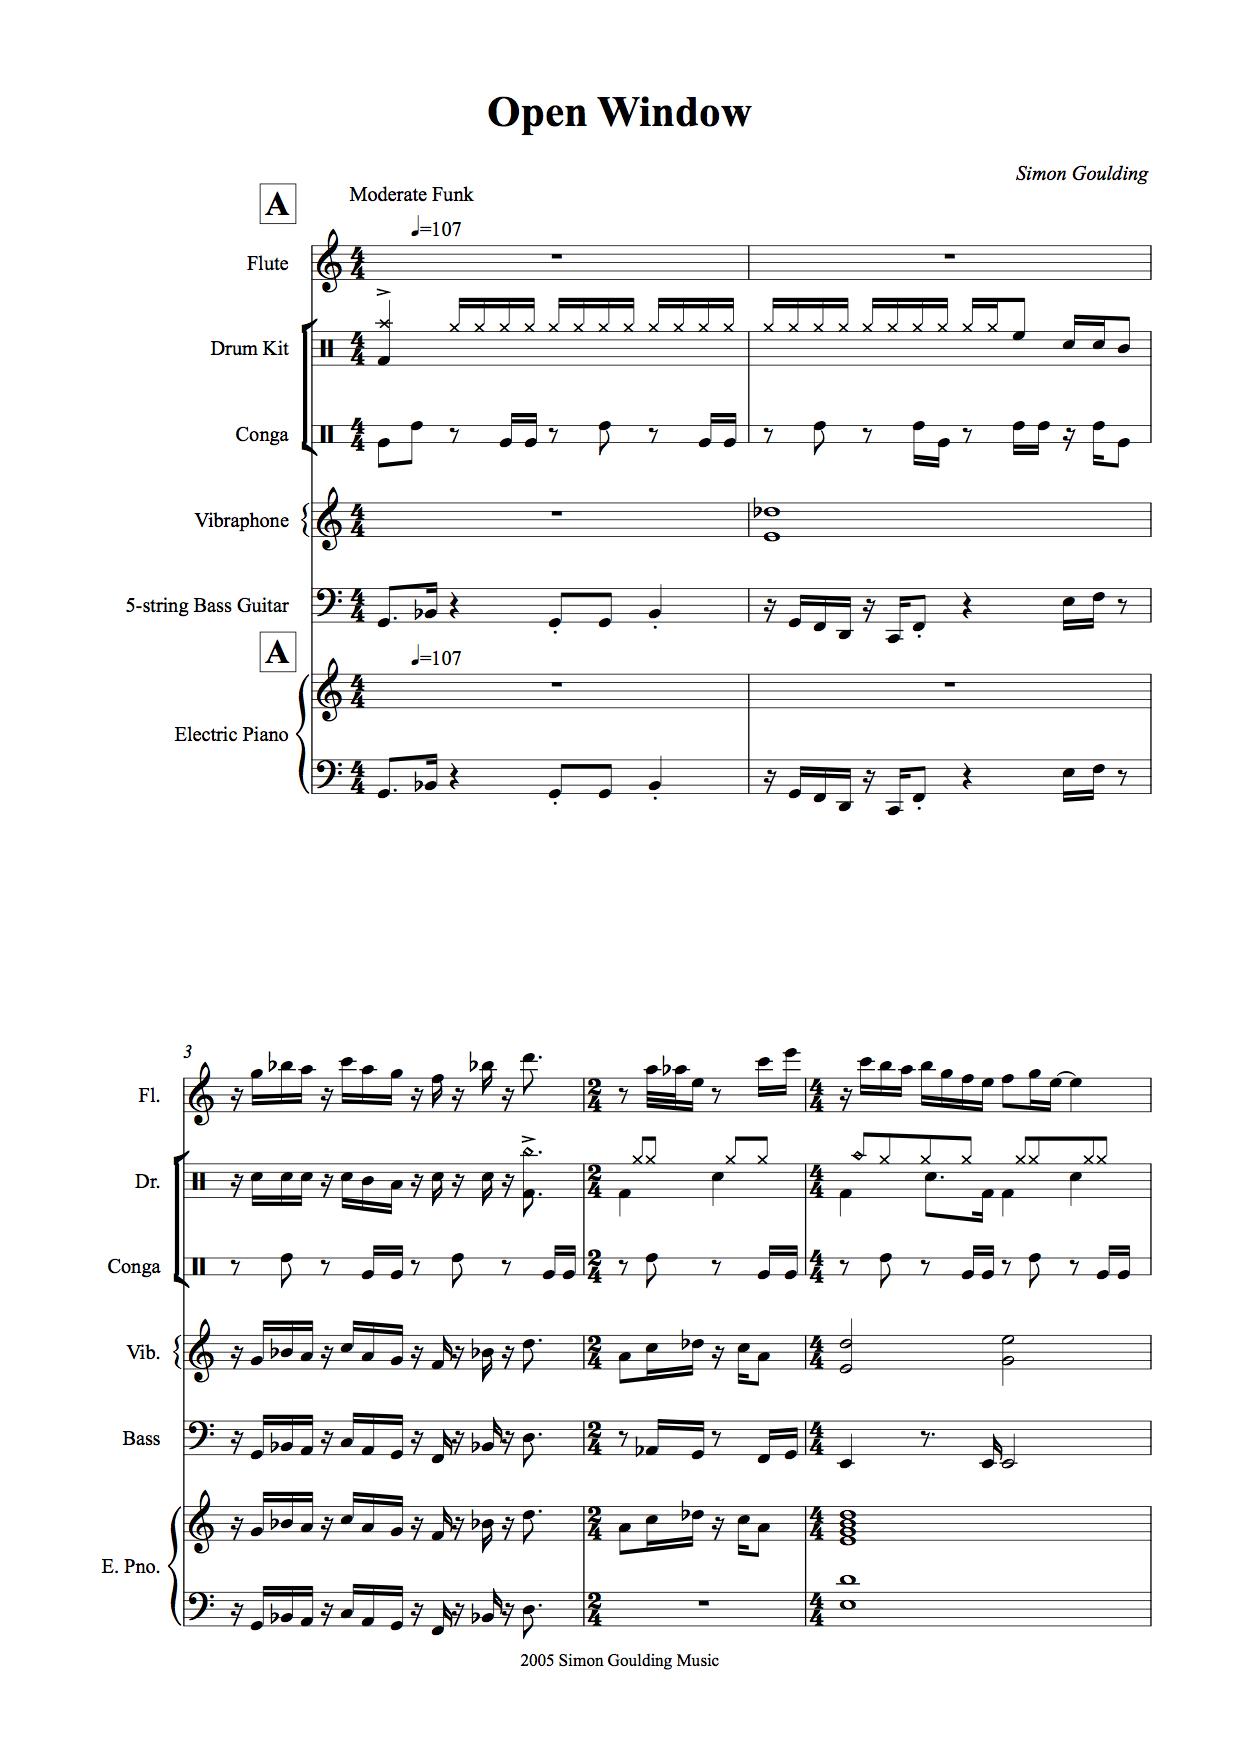 Open window concert score -